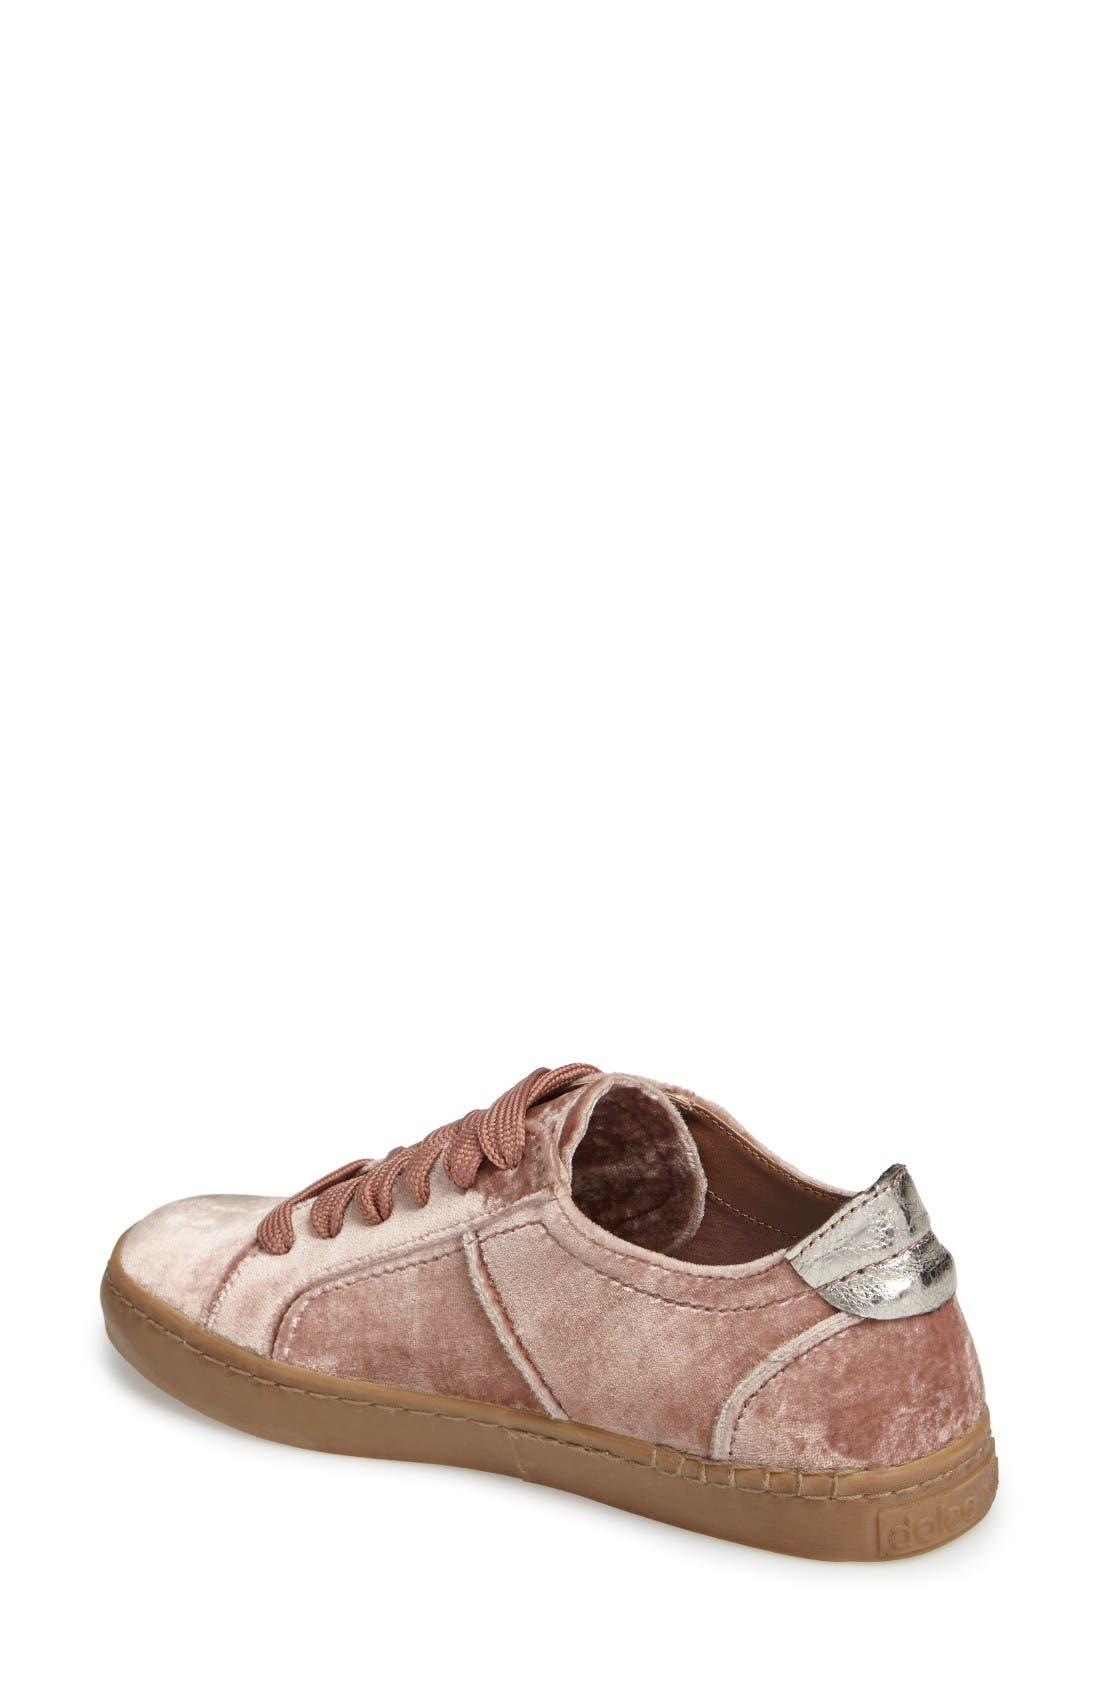 Alternate Image 2  - Dolce Vita 'Zalen' Sneaker (Women)